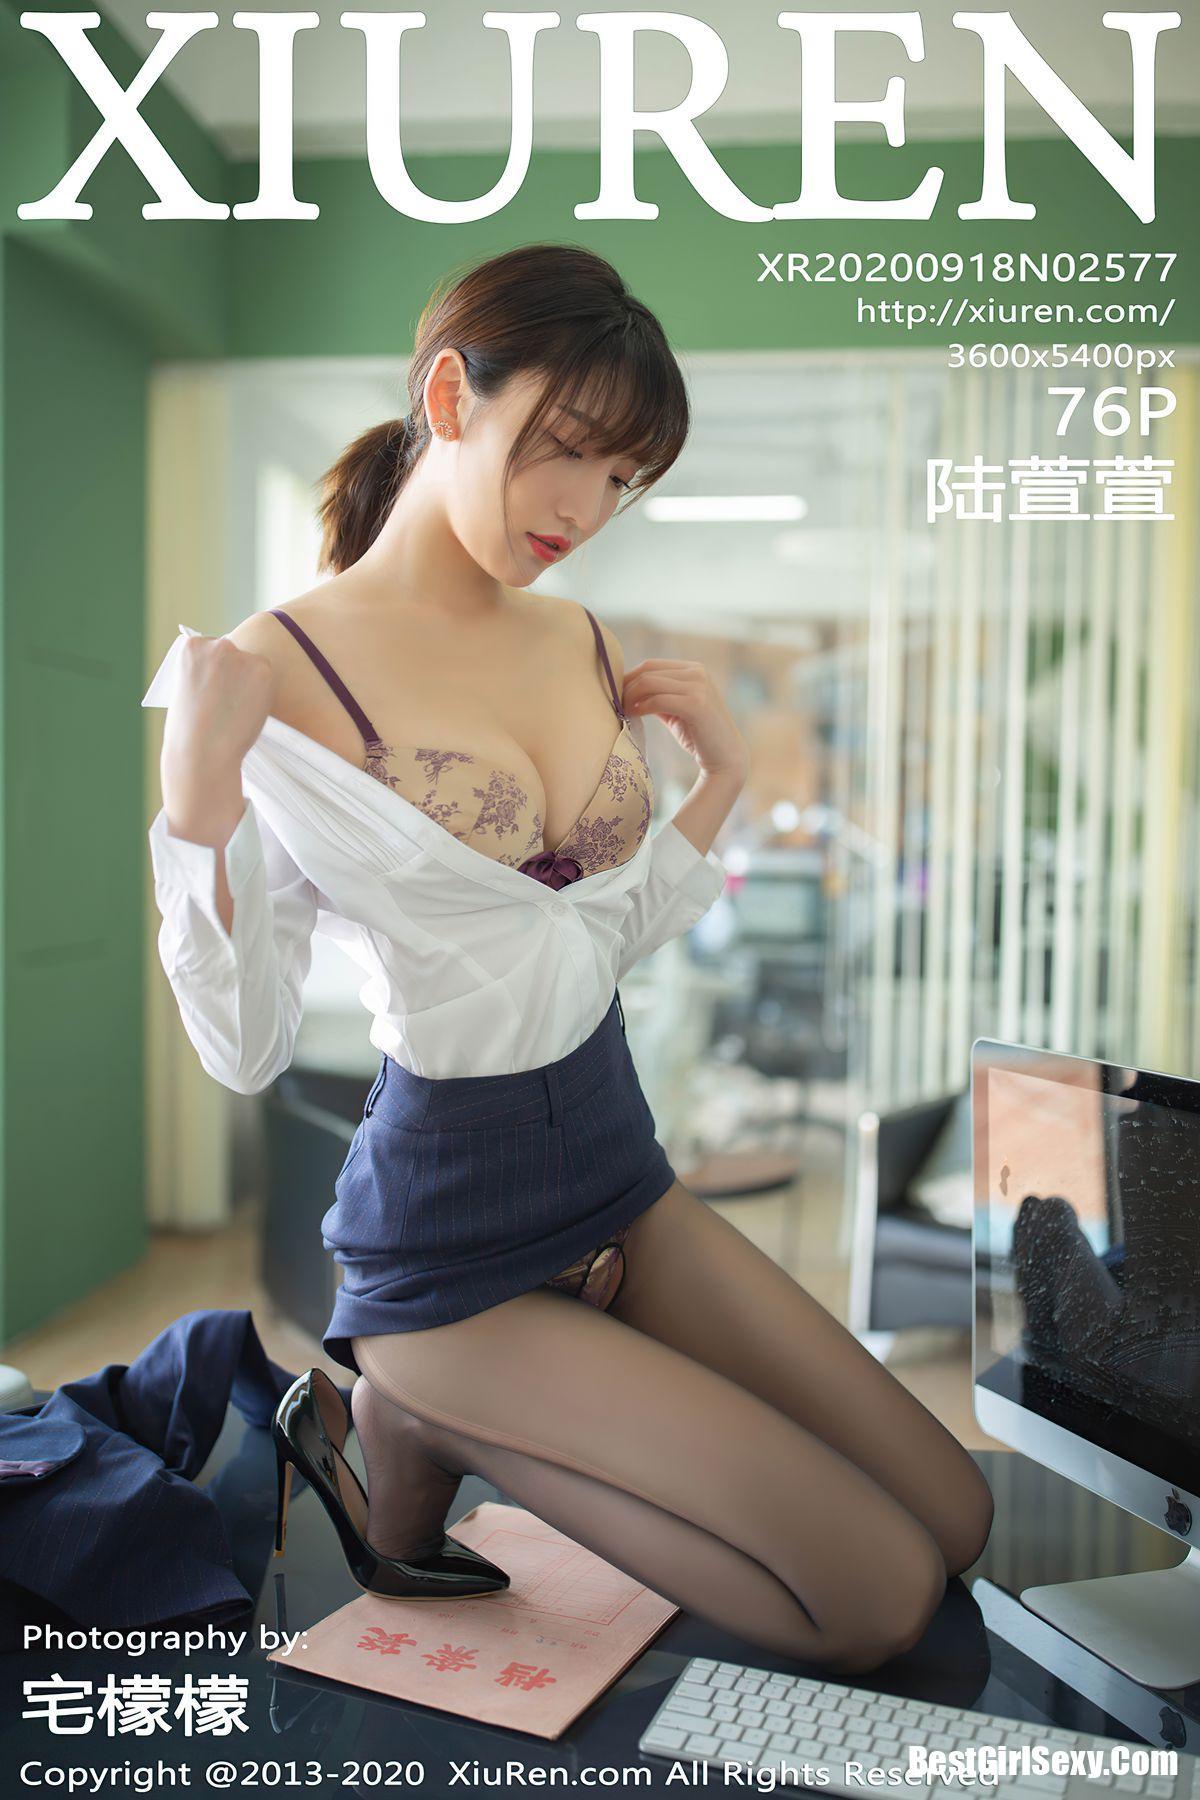 XiuRen秀人网 Vol.2577 Lu Xuan Xuan